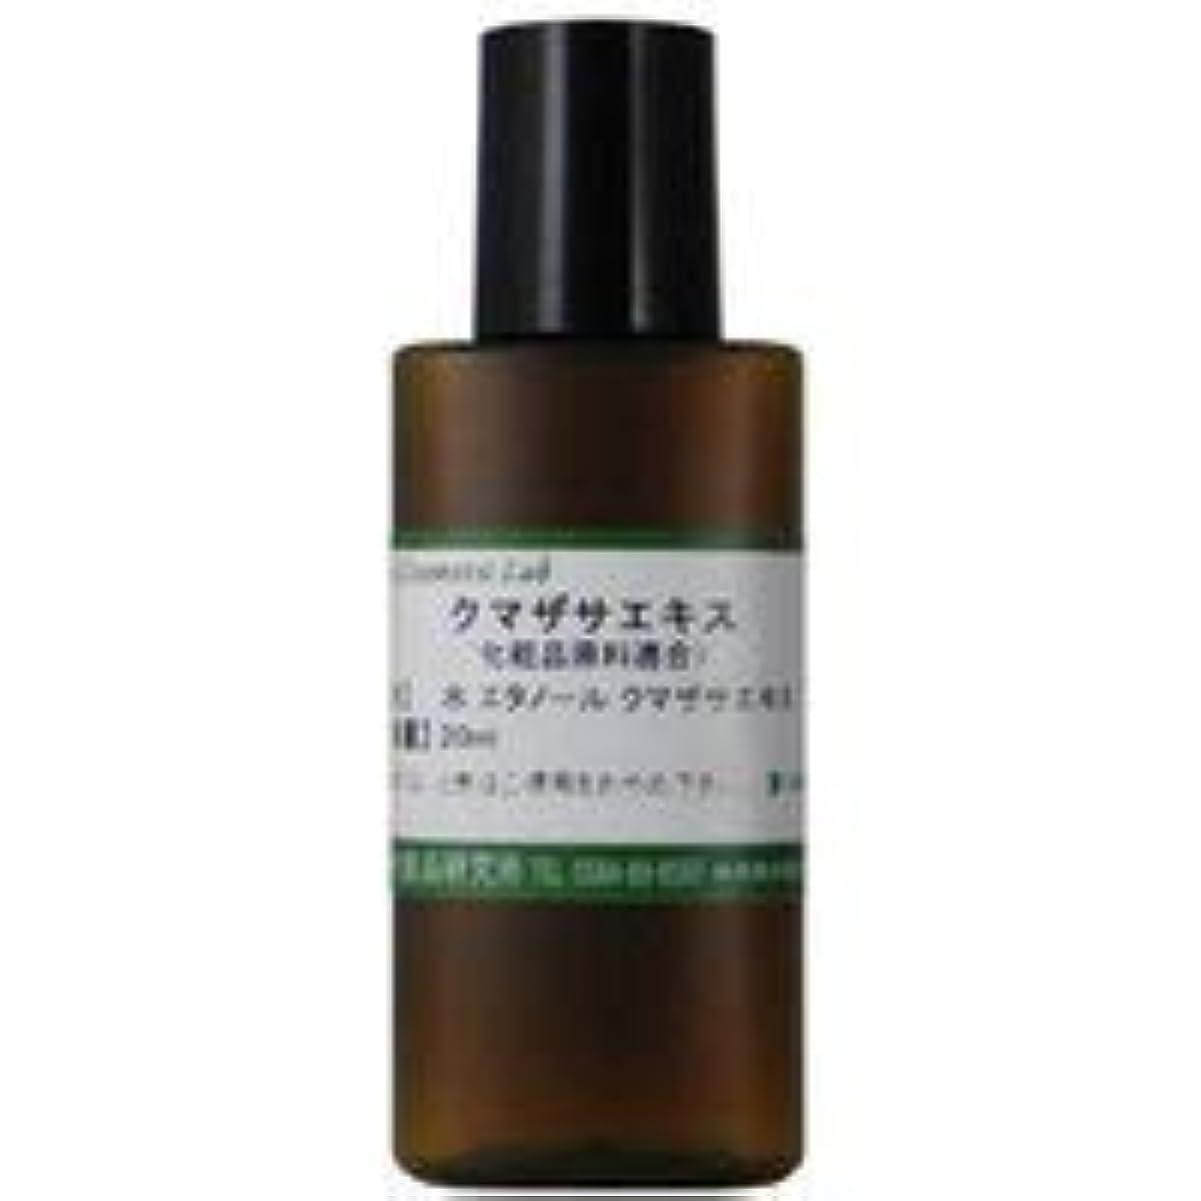 それに応じてキャンベラ抽出クマザサエキス 化粧品原料 20ml